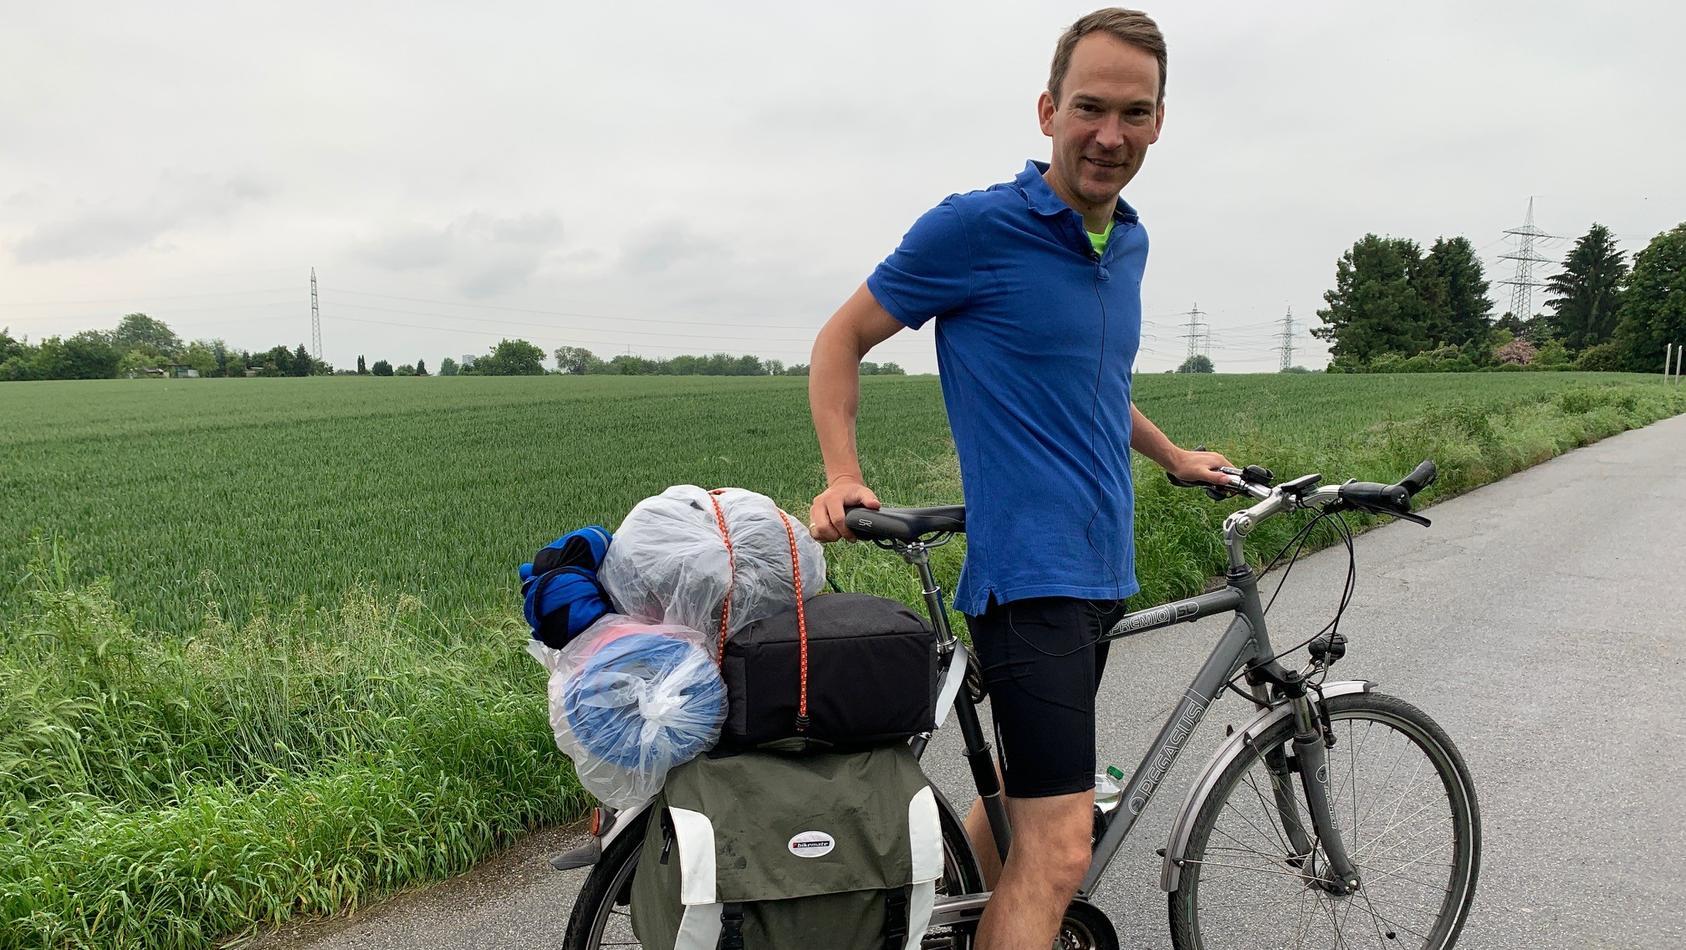 Unser Kollege Cord macht eine einwöchige Radtour durch Hessen - dabei filmt er sich selbst mit dem Handy.